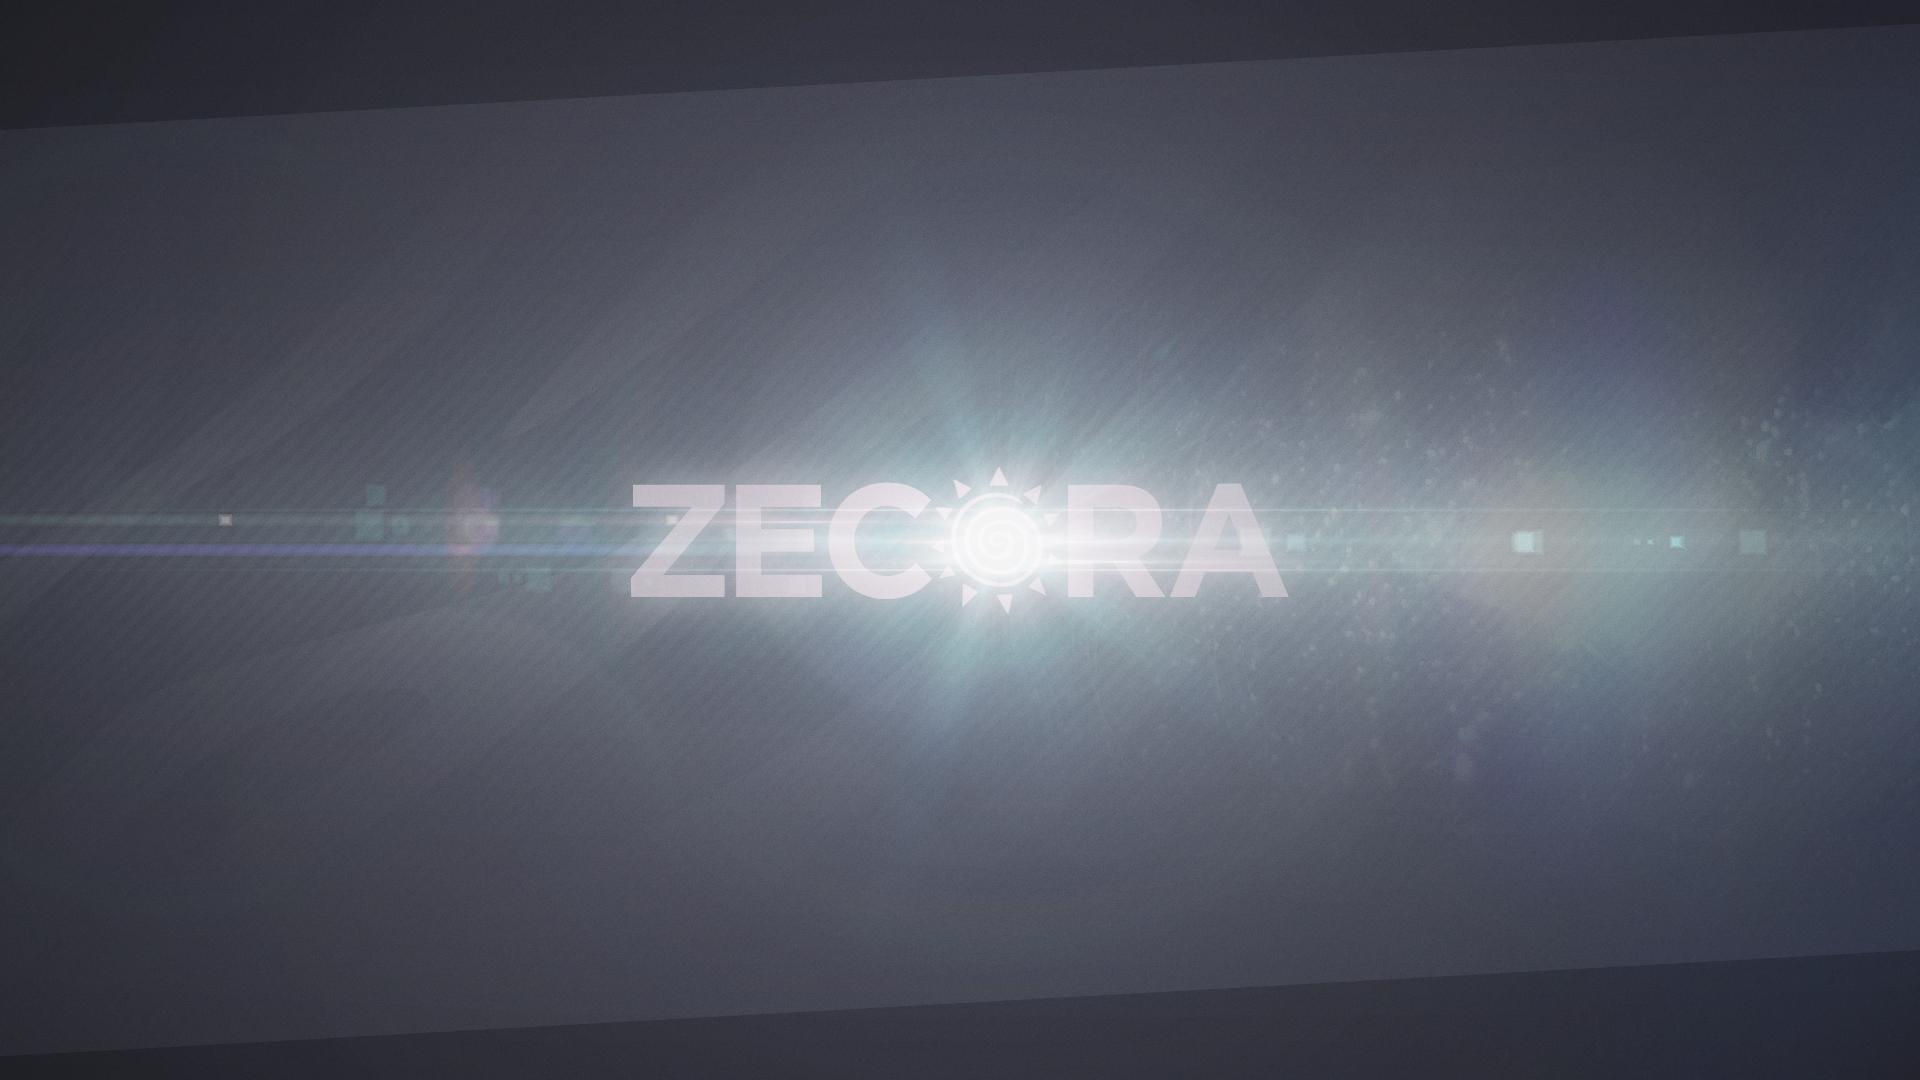 Zecora